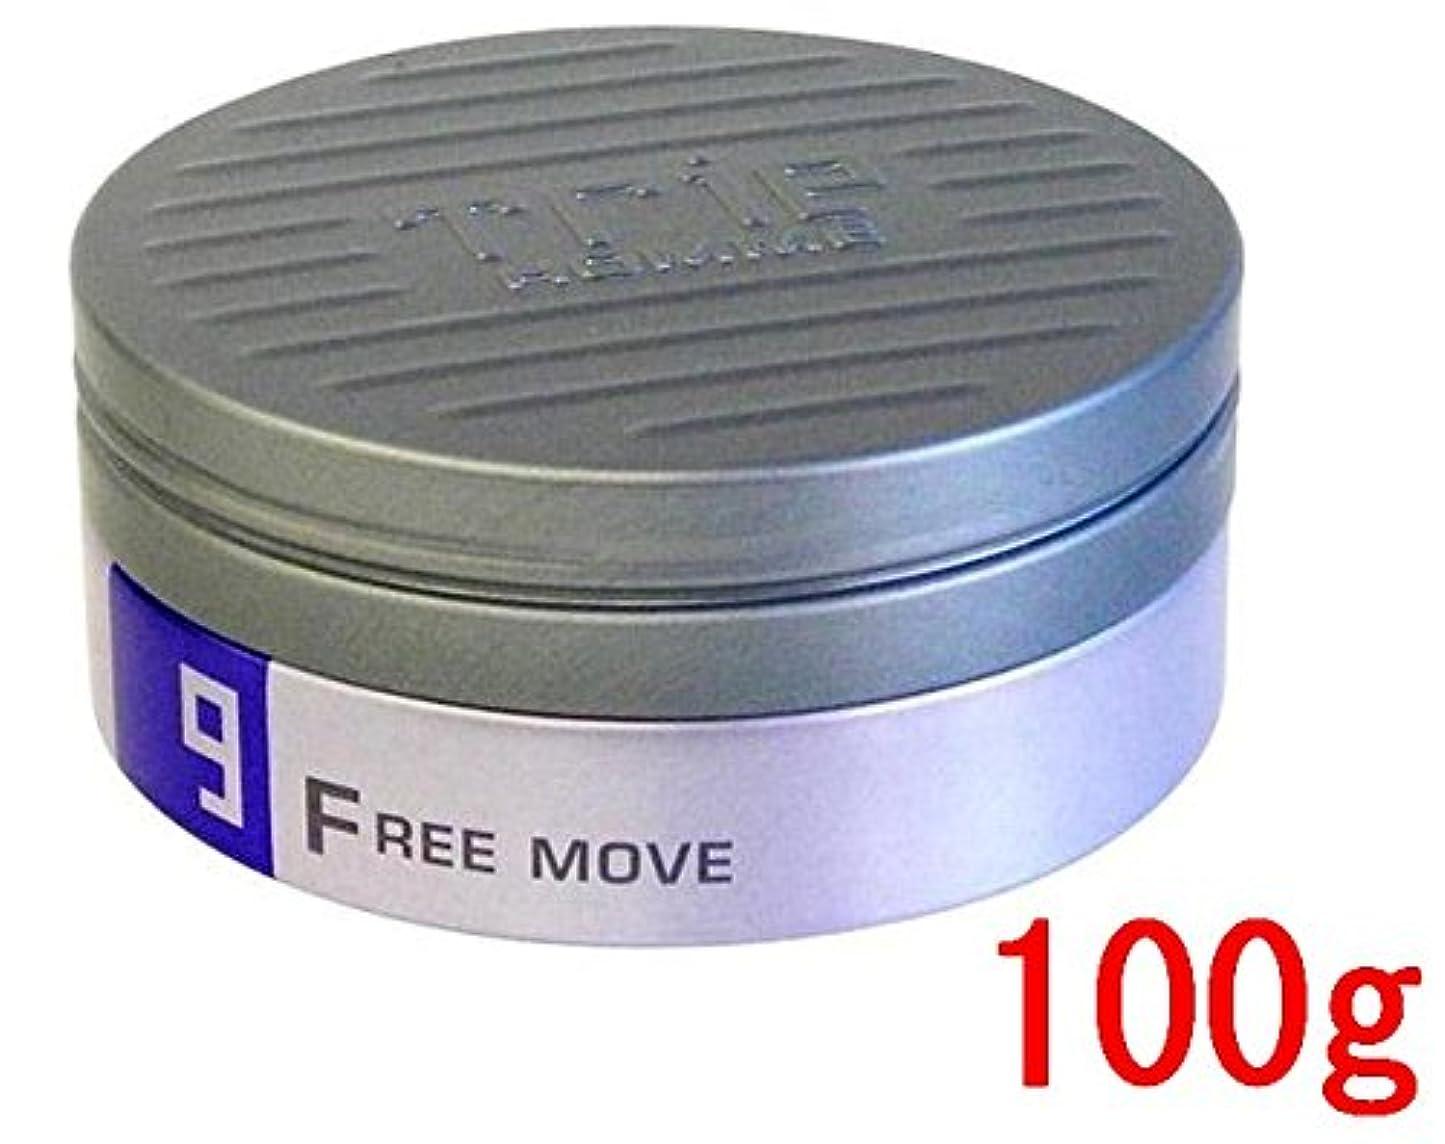 カウンタ物理的にレスリングルベル トリエオム フリームーブ9 100g